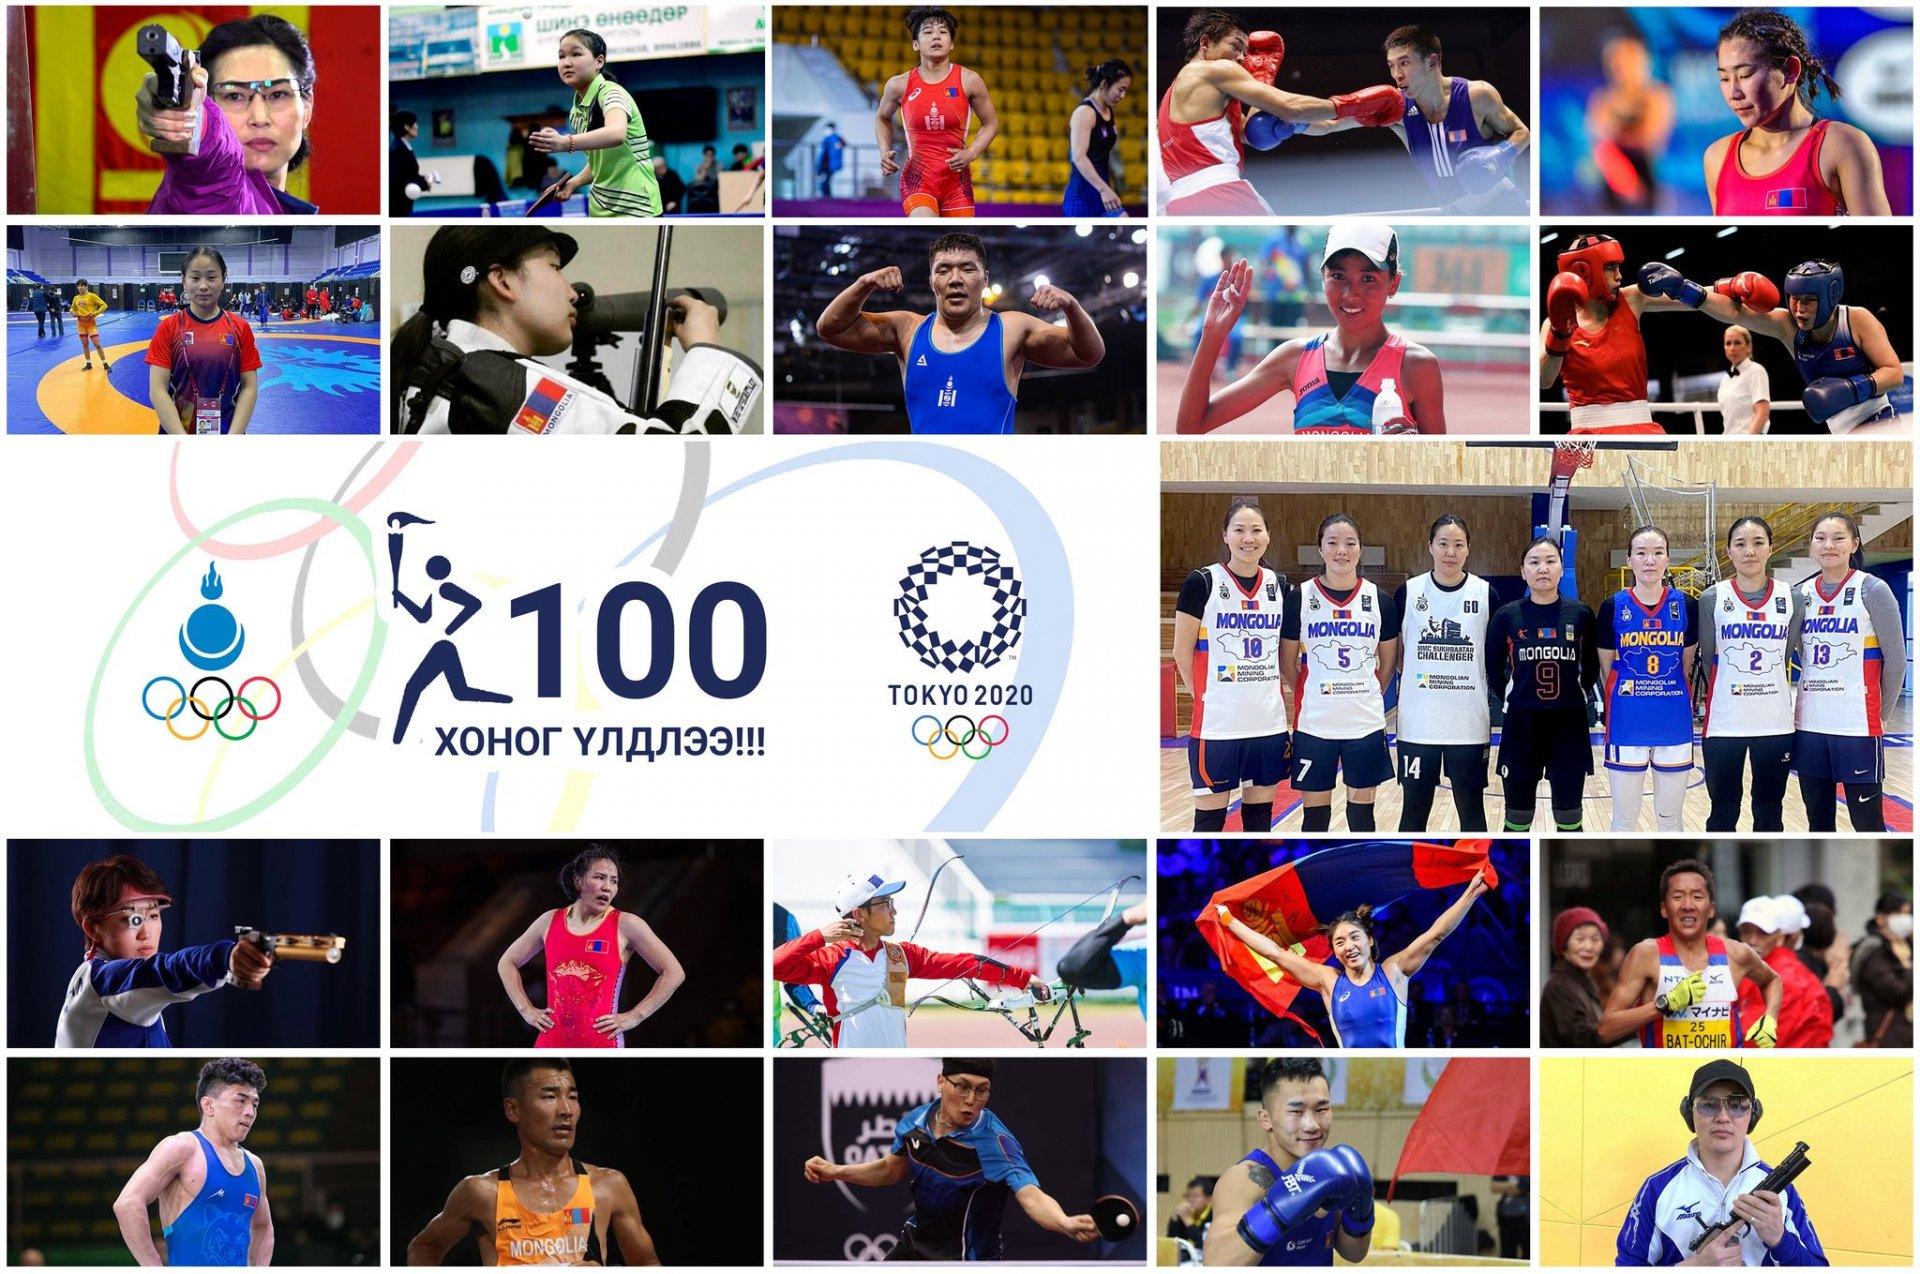 TEAM MONGOLIA: Токио-2020 олимпийн наадмын 21 эрх аваад байна